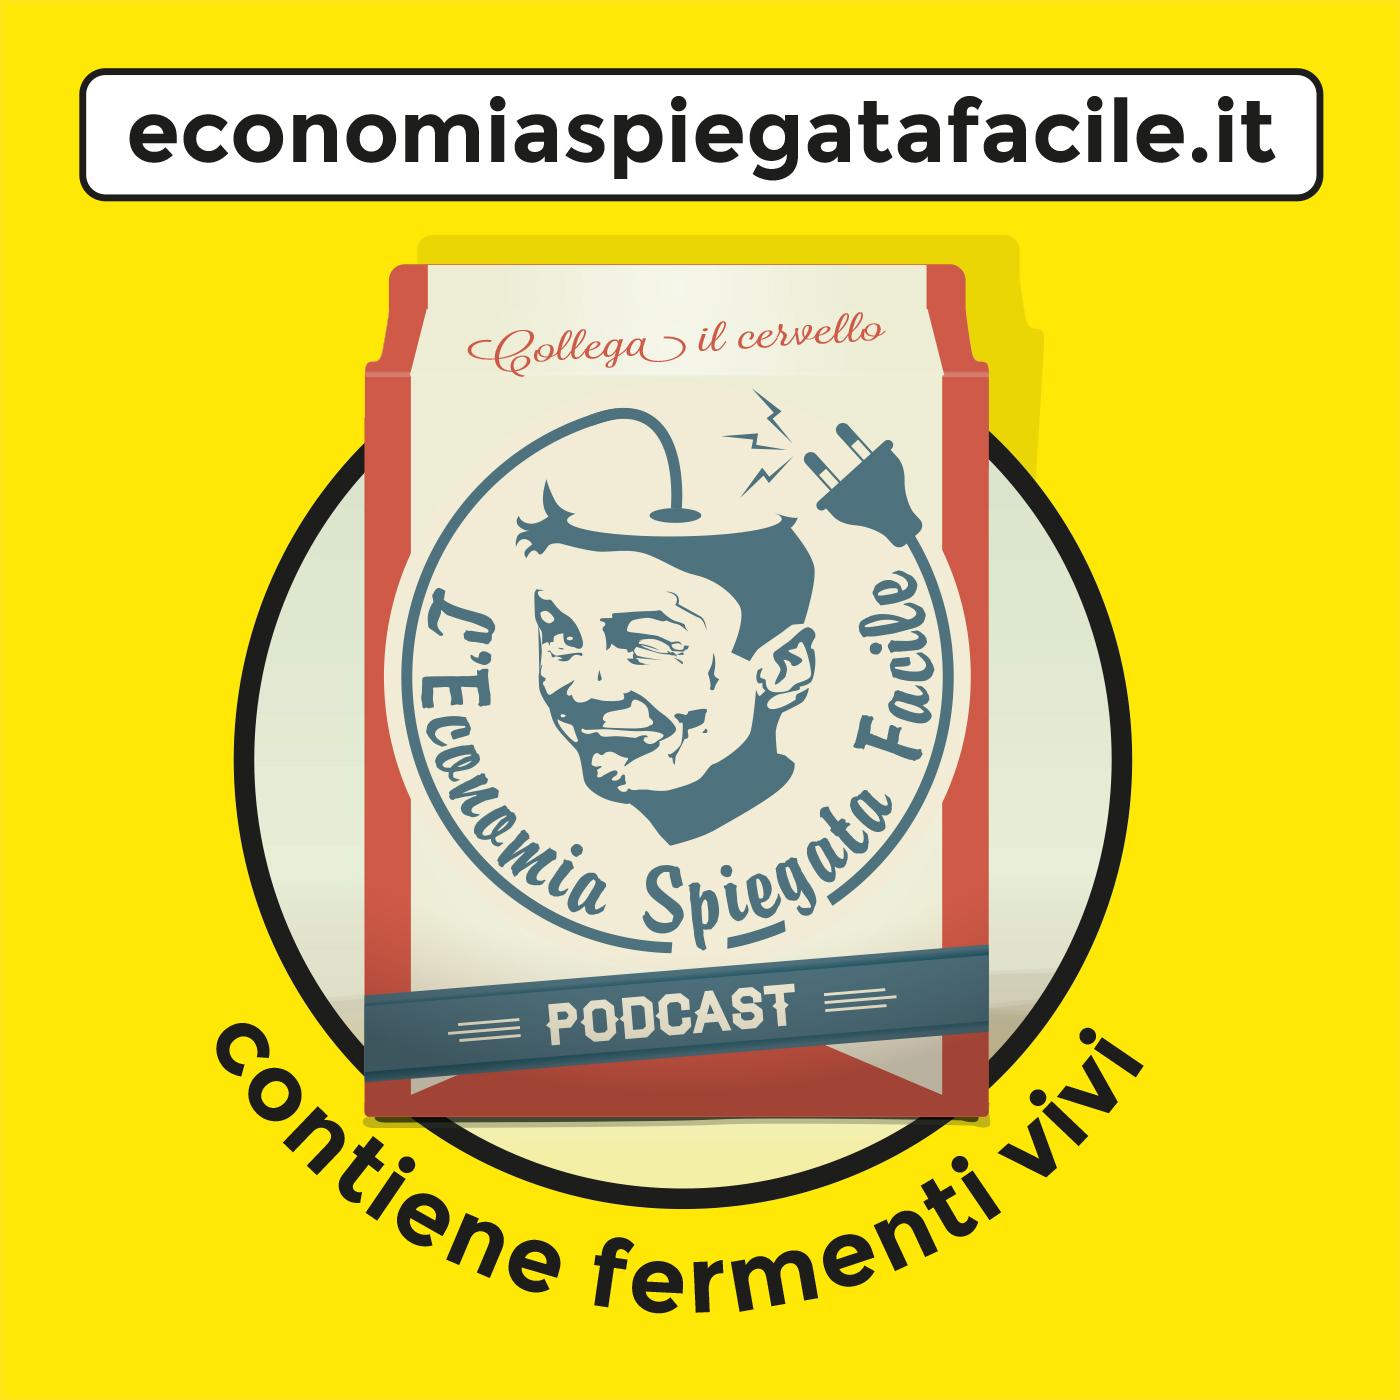 L'Economia Spiegata Facile